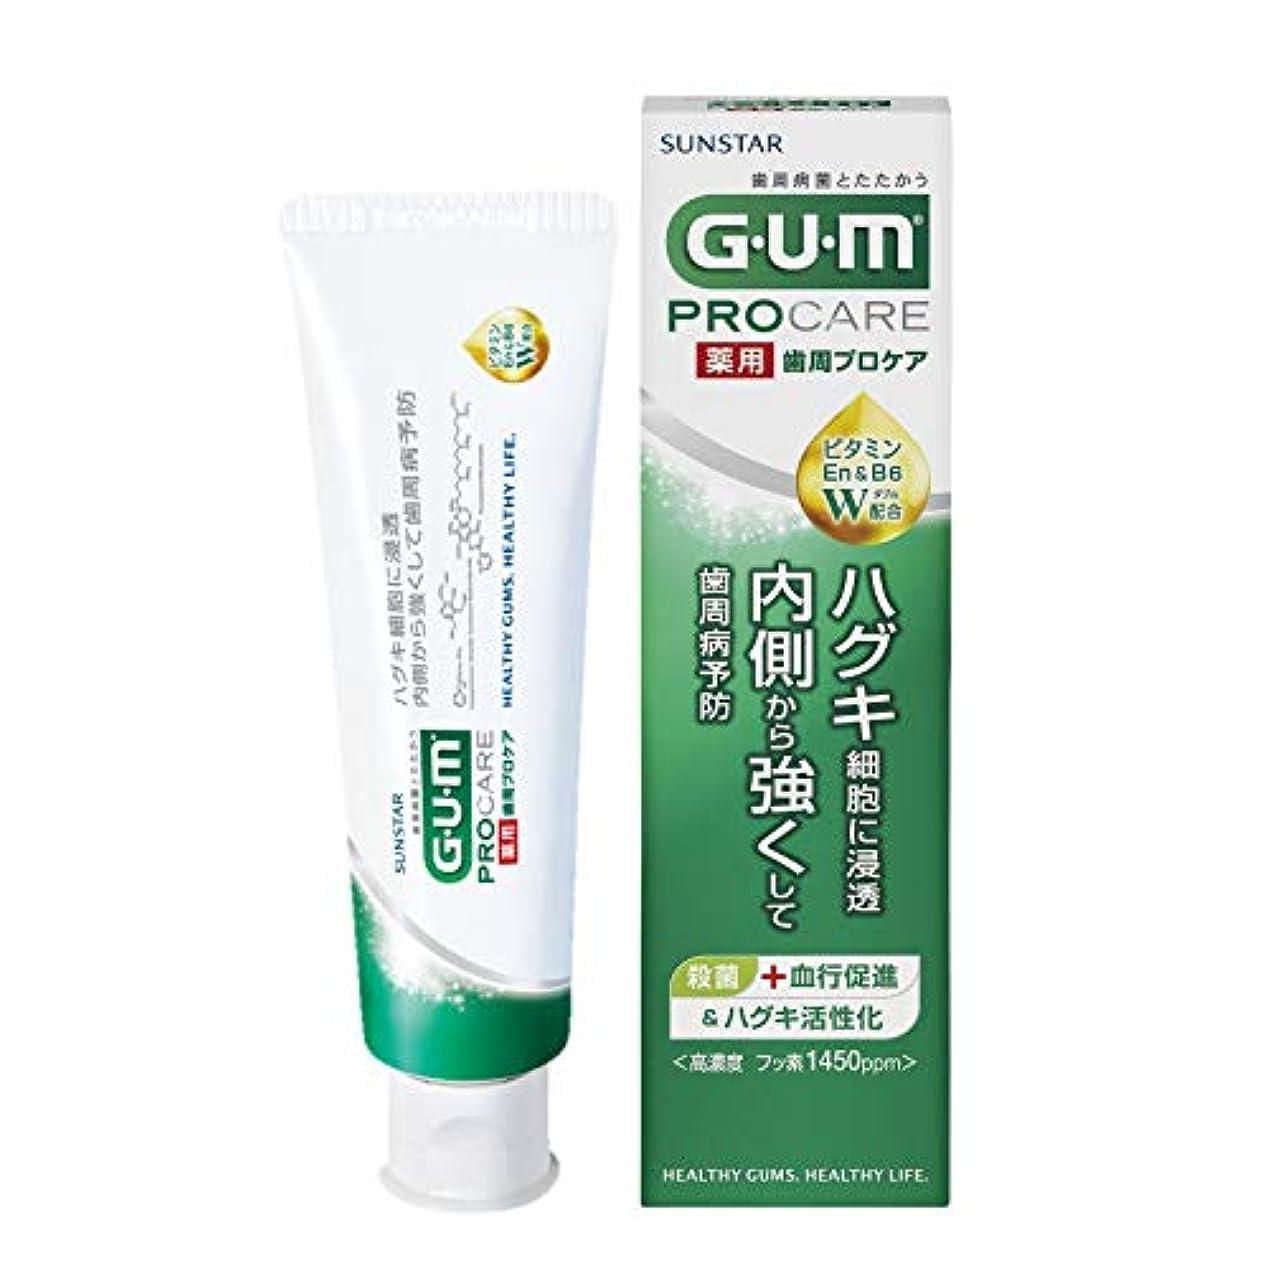 [医薬部外品] GUM(ガム) 歯周プロケア 歯みがき 90g <歯周病予防 ハグキケア 高濃度フッ素配合 1,450ppm>